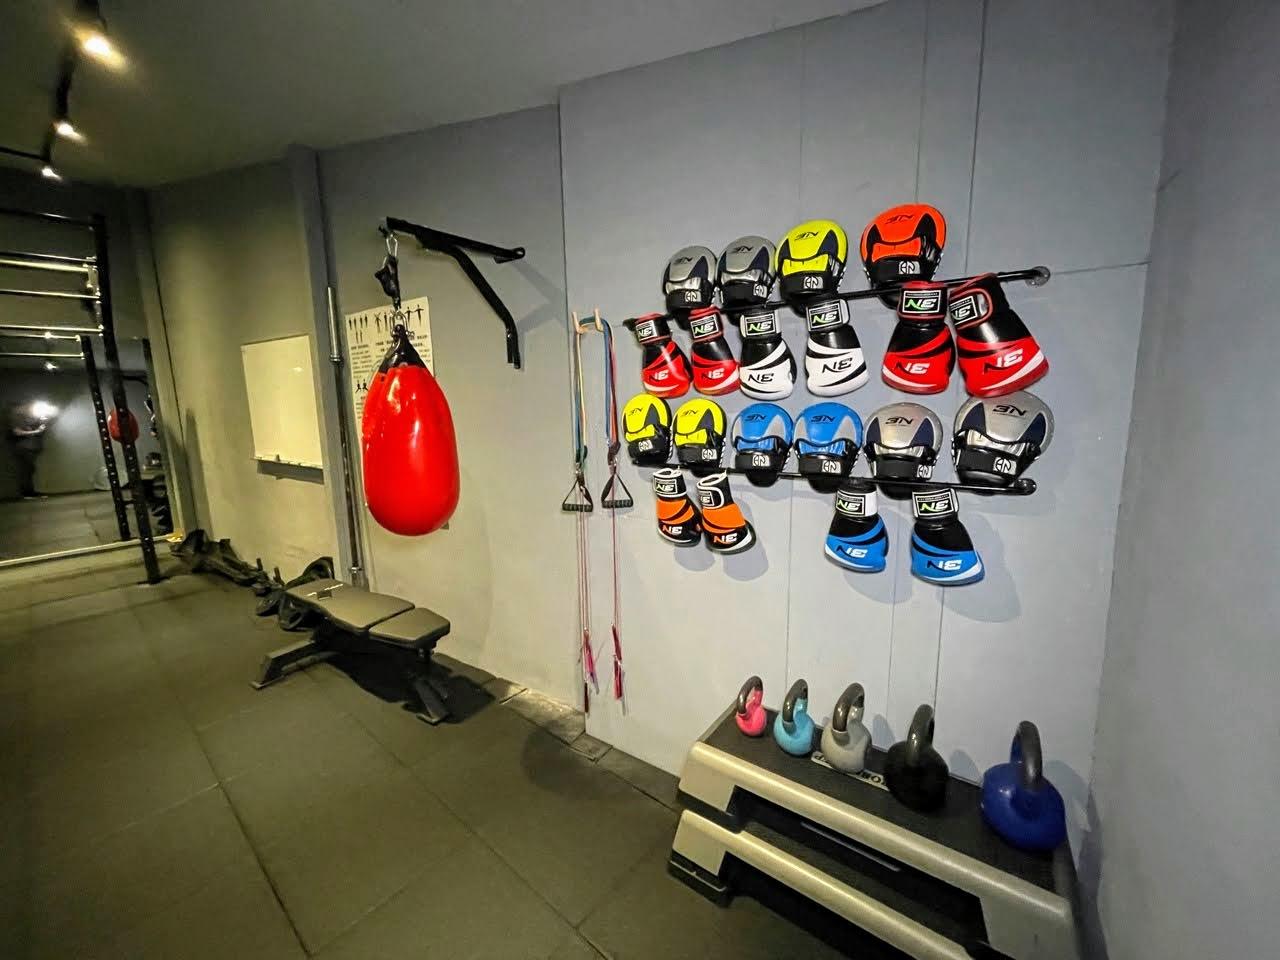 【台南 中西區】8count fitness 意志力體能訓練所 專業體態評估與拳擊體驗課程 培養運動習慣的好地方